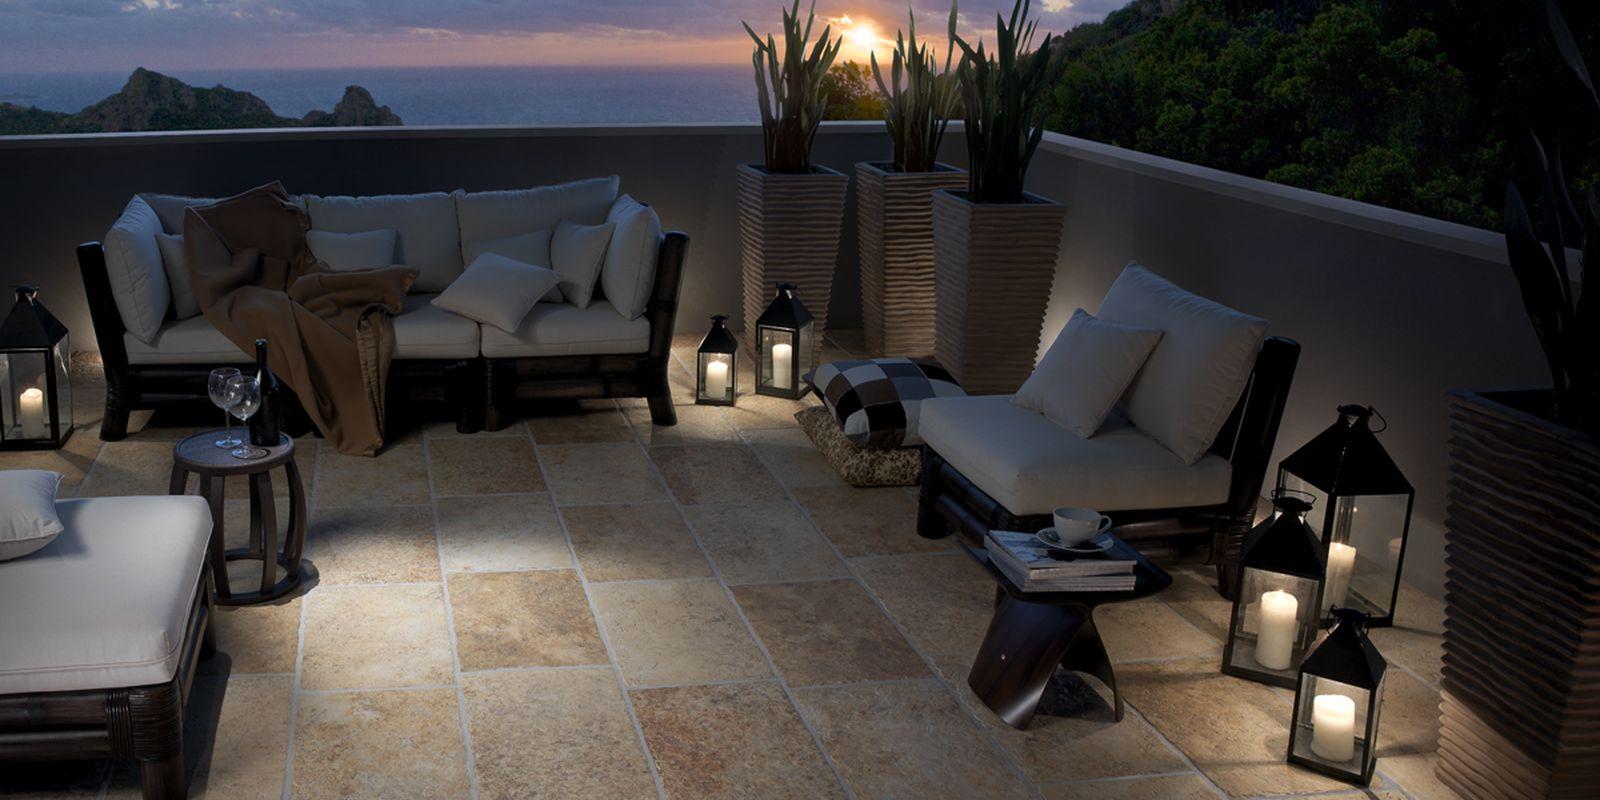 I sassi cooperativa ceramiche d 39 imola terrazzi e giardini for Ceramiche di imola